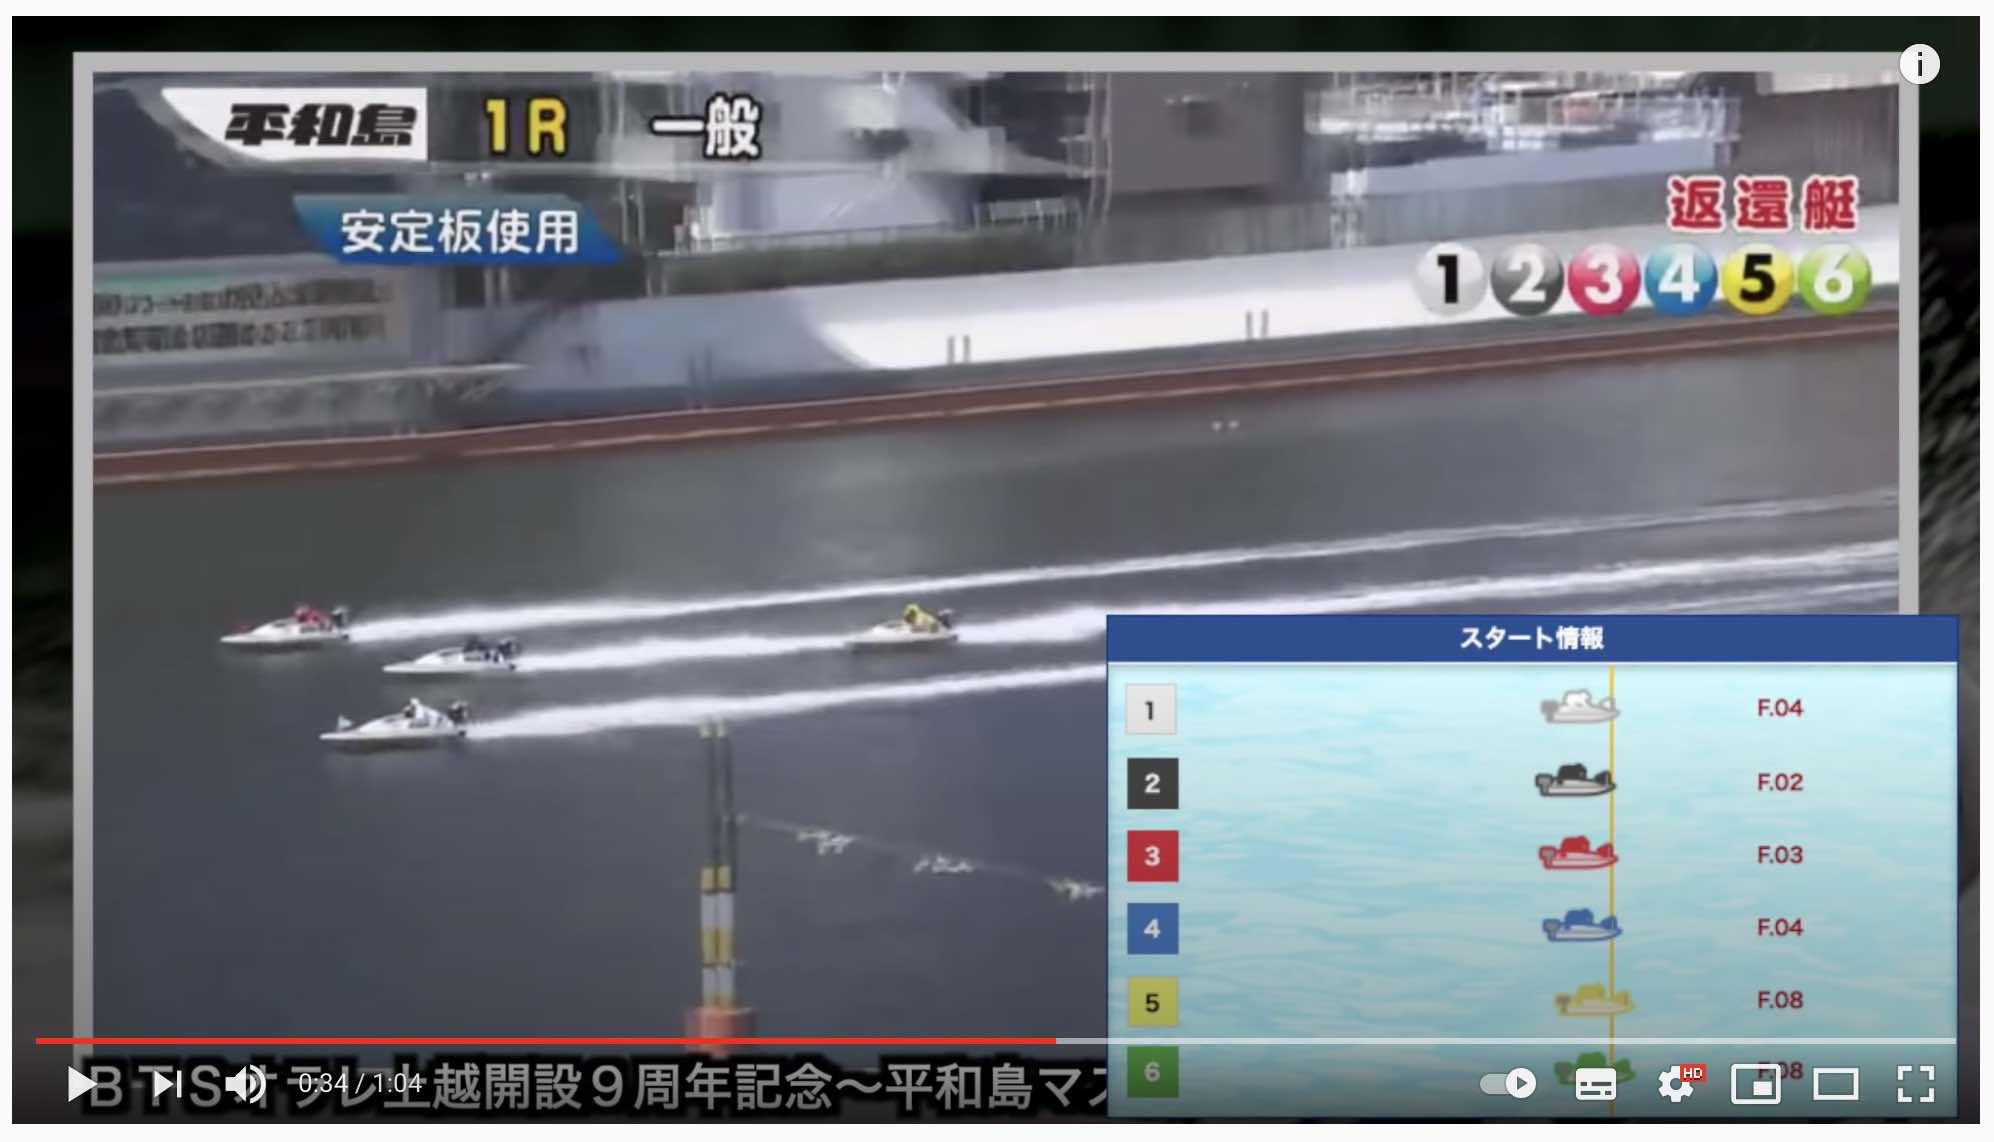 2月23日のボートレース平和島第1R、全艇フライング返還欠場